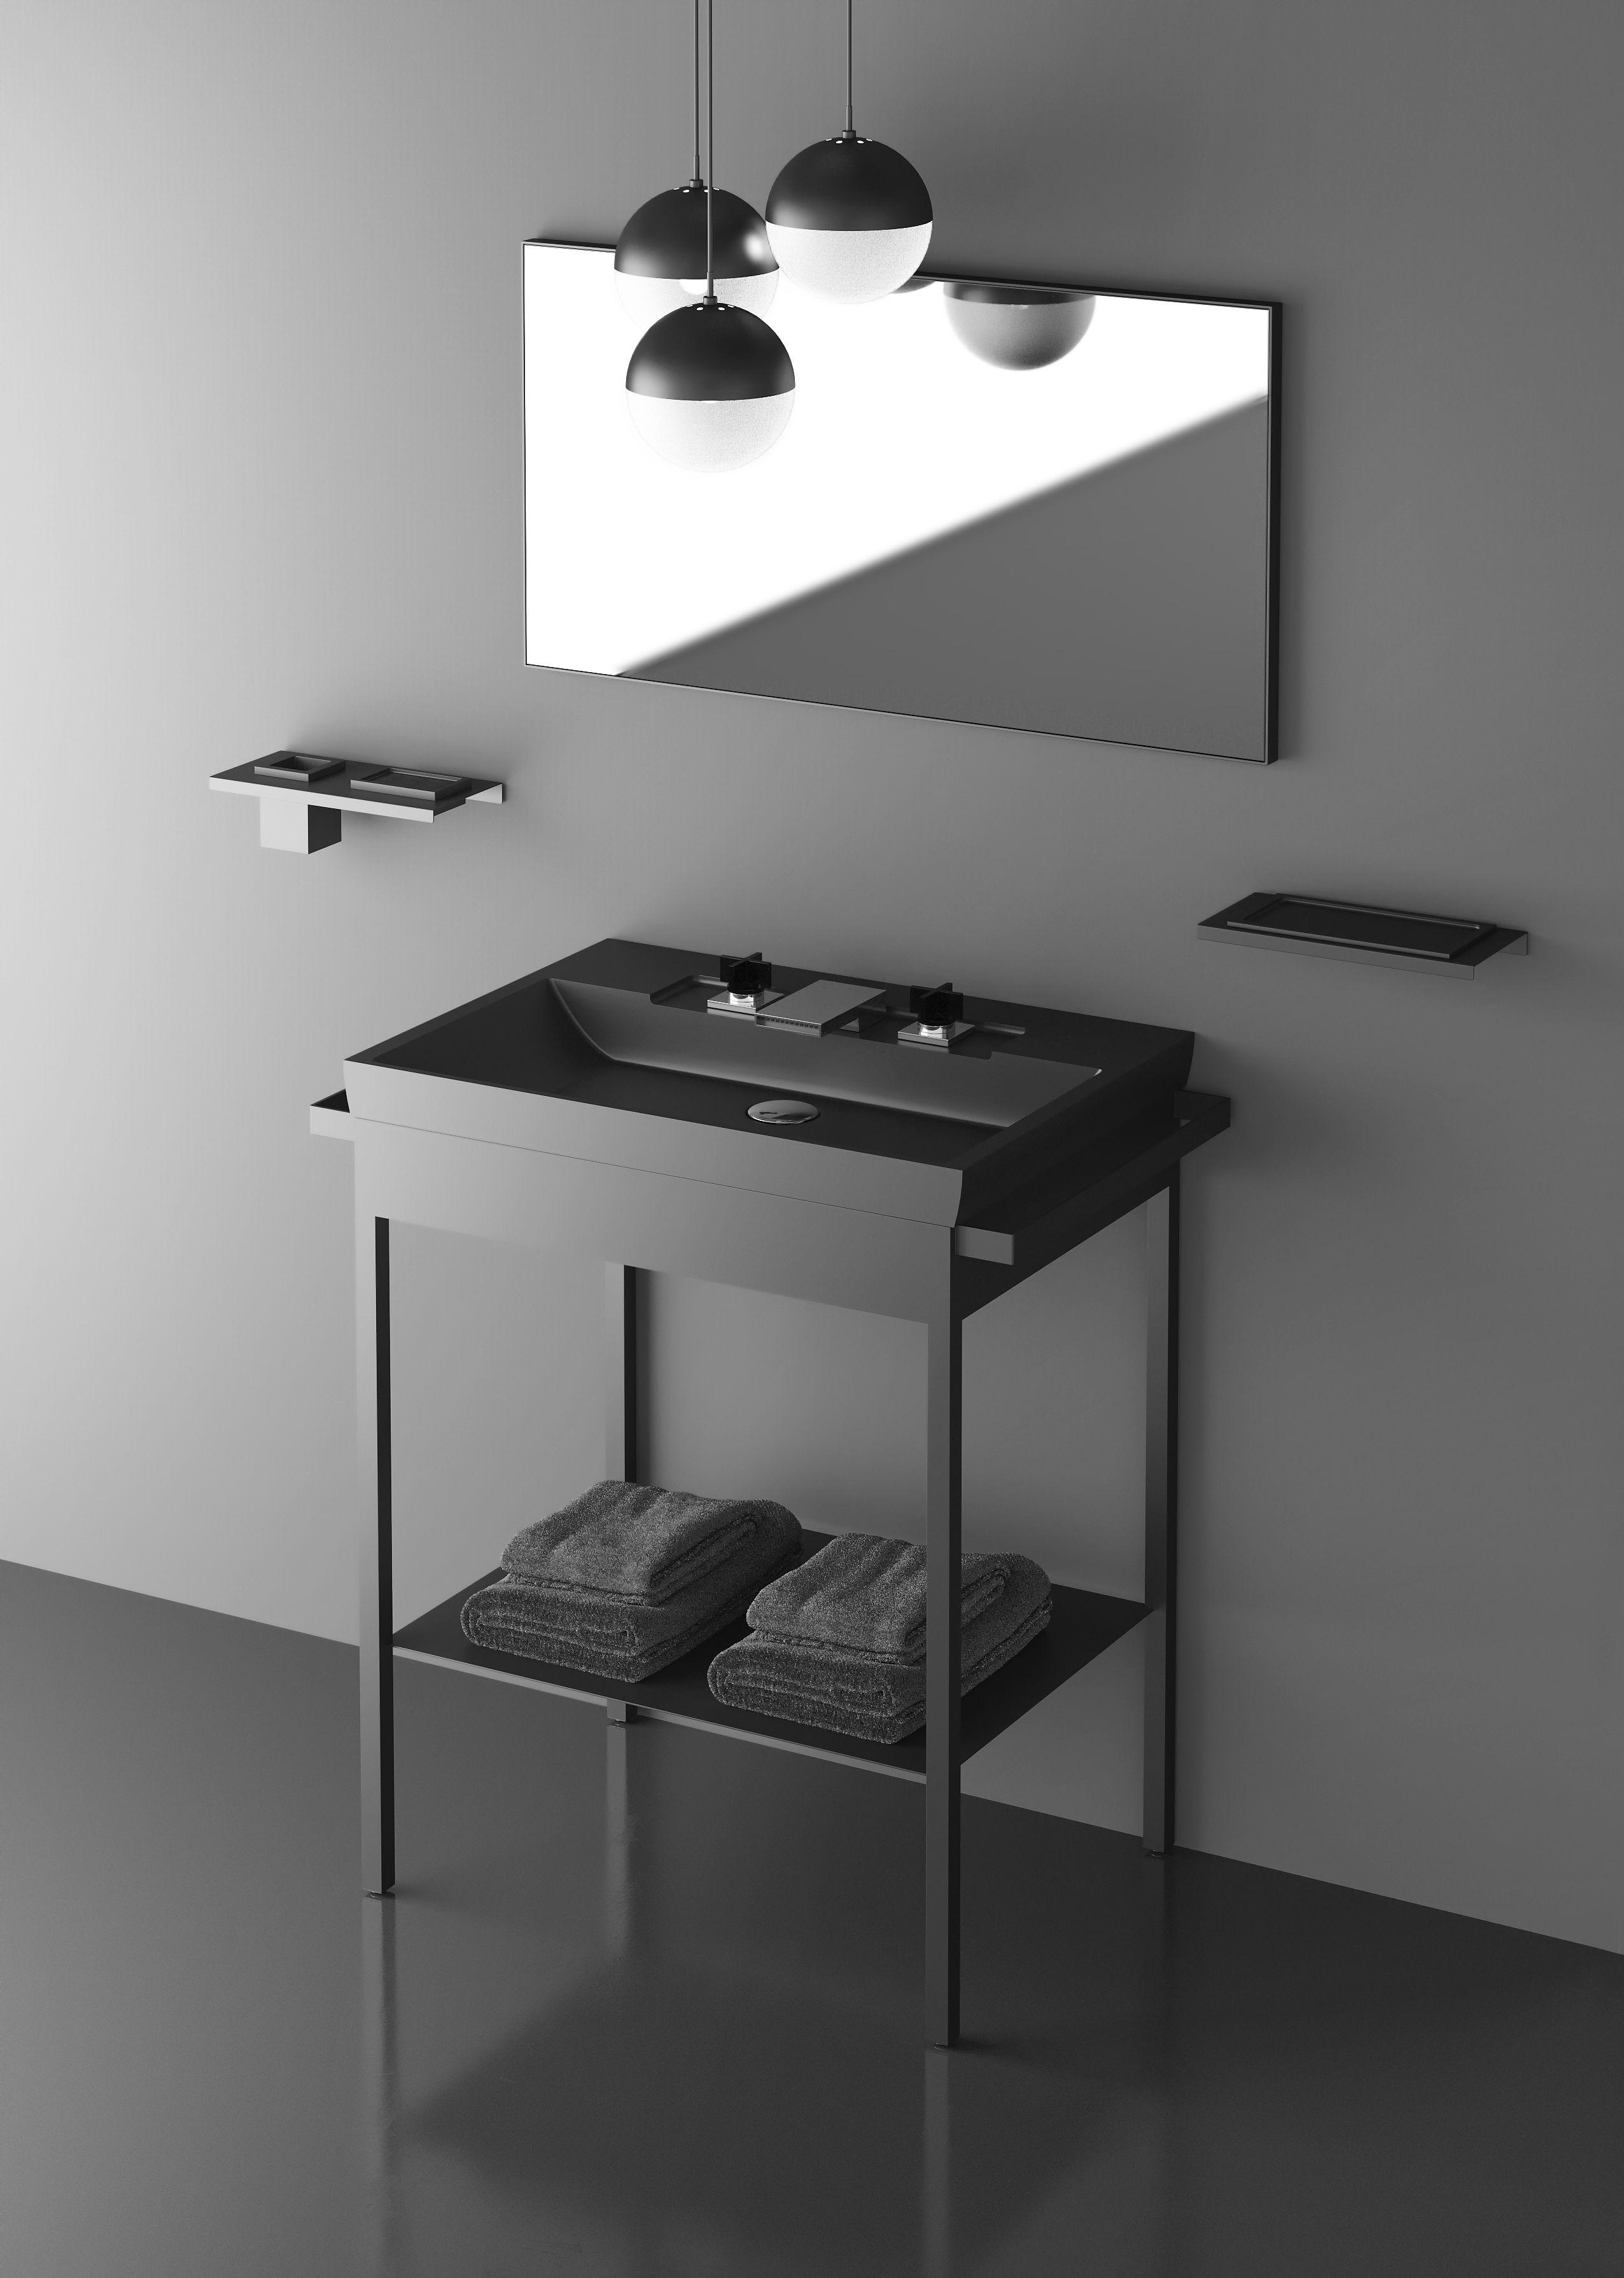 Lavabo Italy Plus En 2020 Lavabo Salle De Bain Design Et Lavabo A Poser